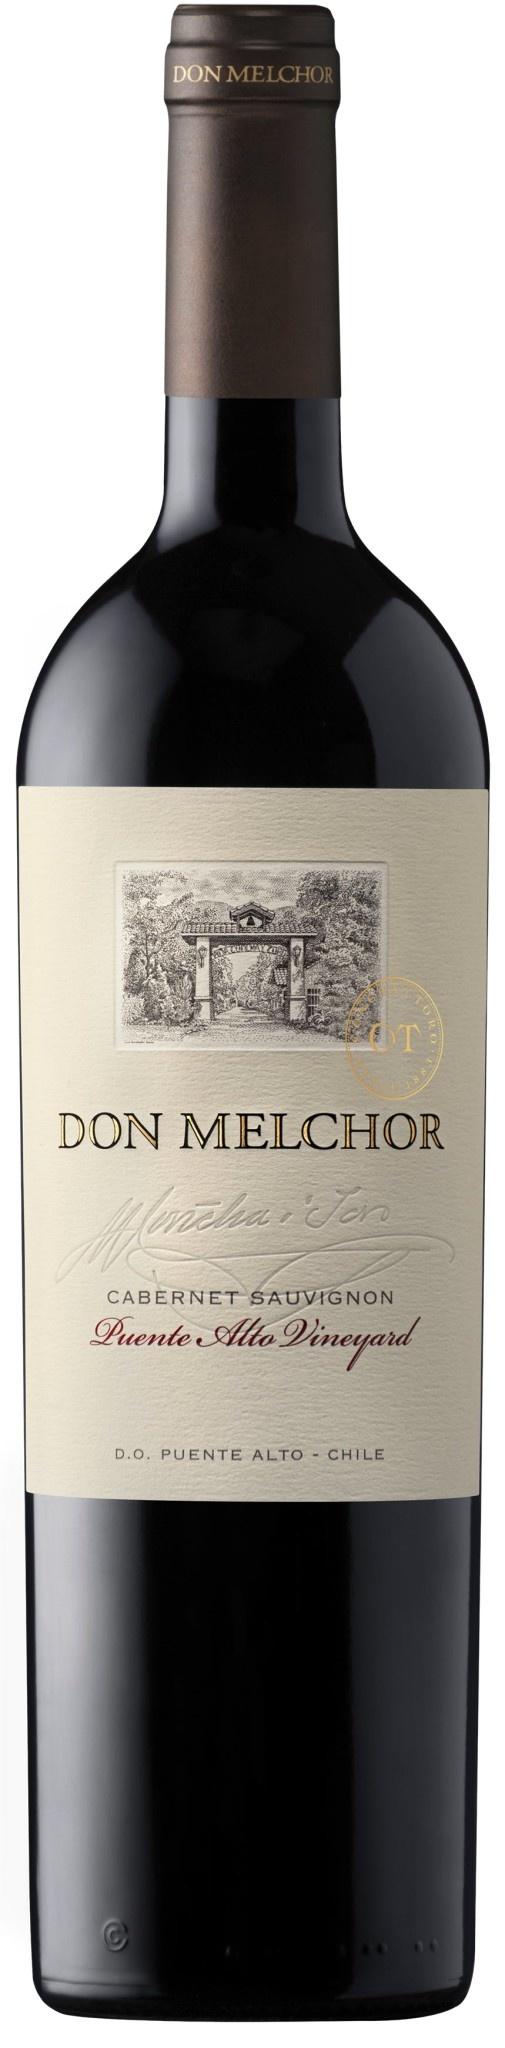 Chile Don Melchor Cabernet Sauvignon